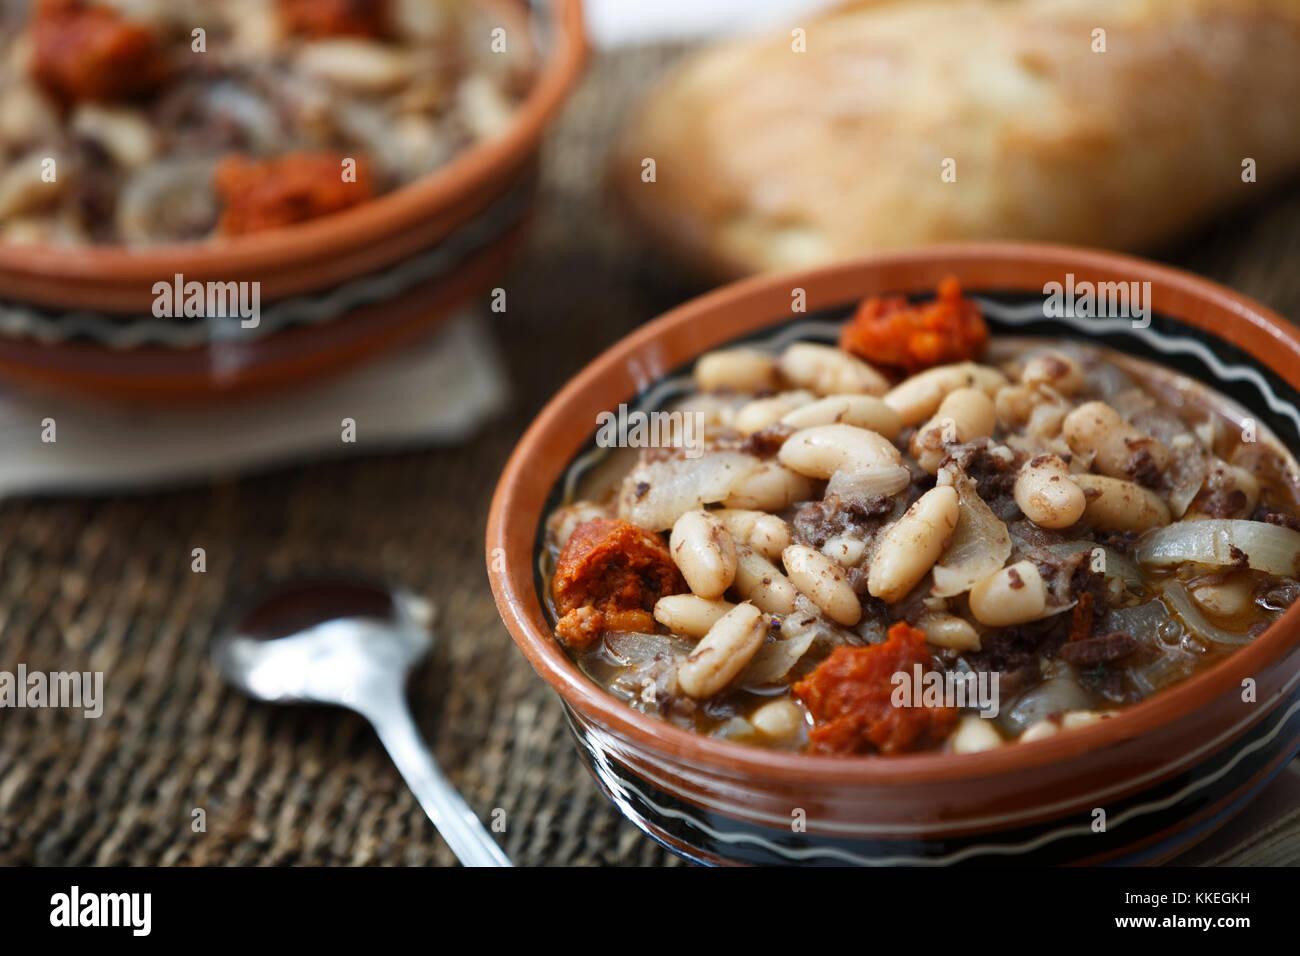 Ragoût de haricots blancs avec saucisse épicée et du pain. Photo Stock